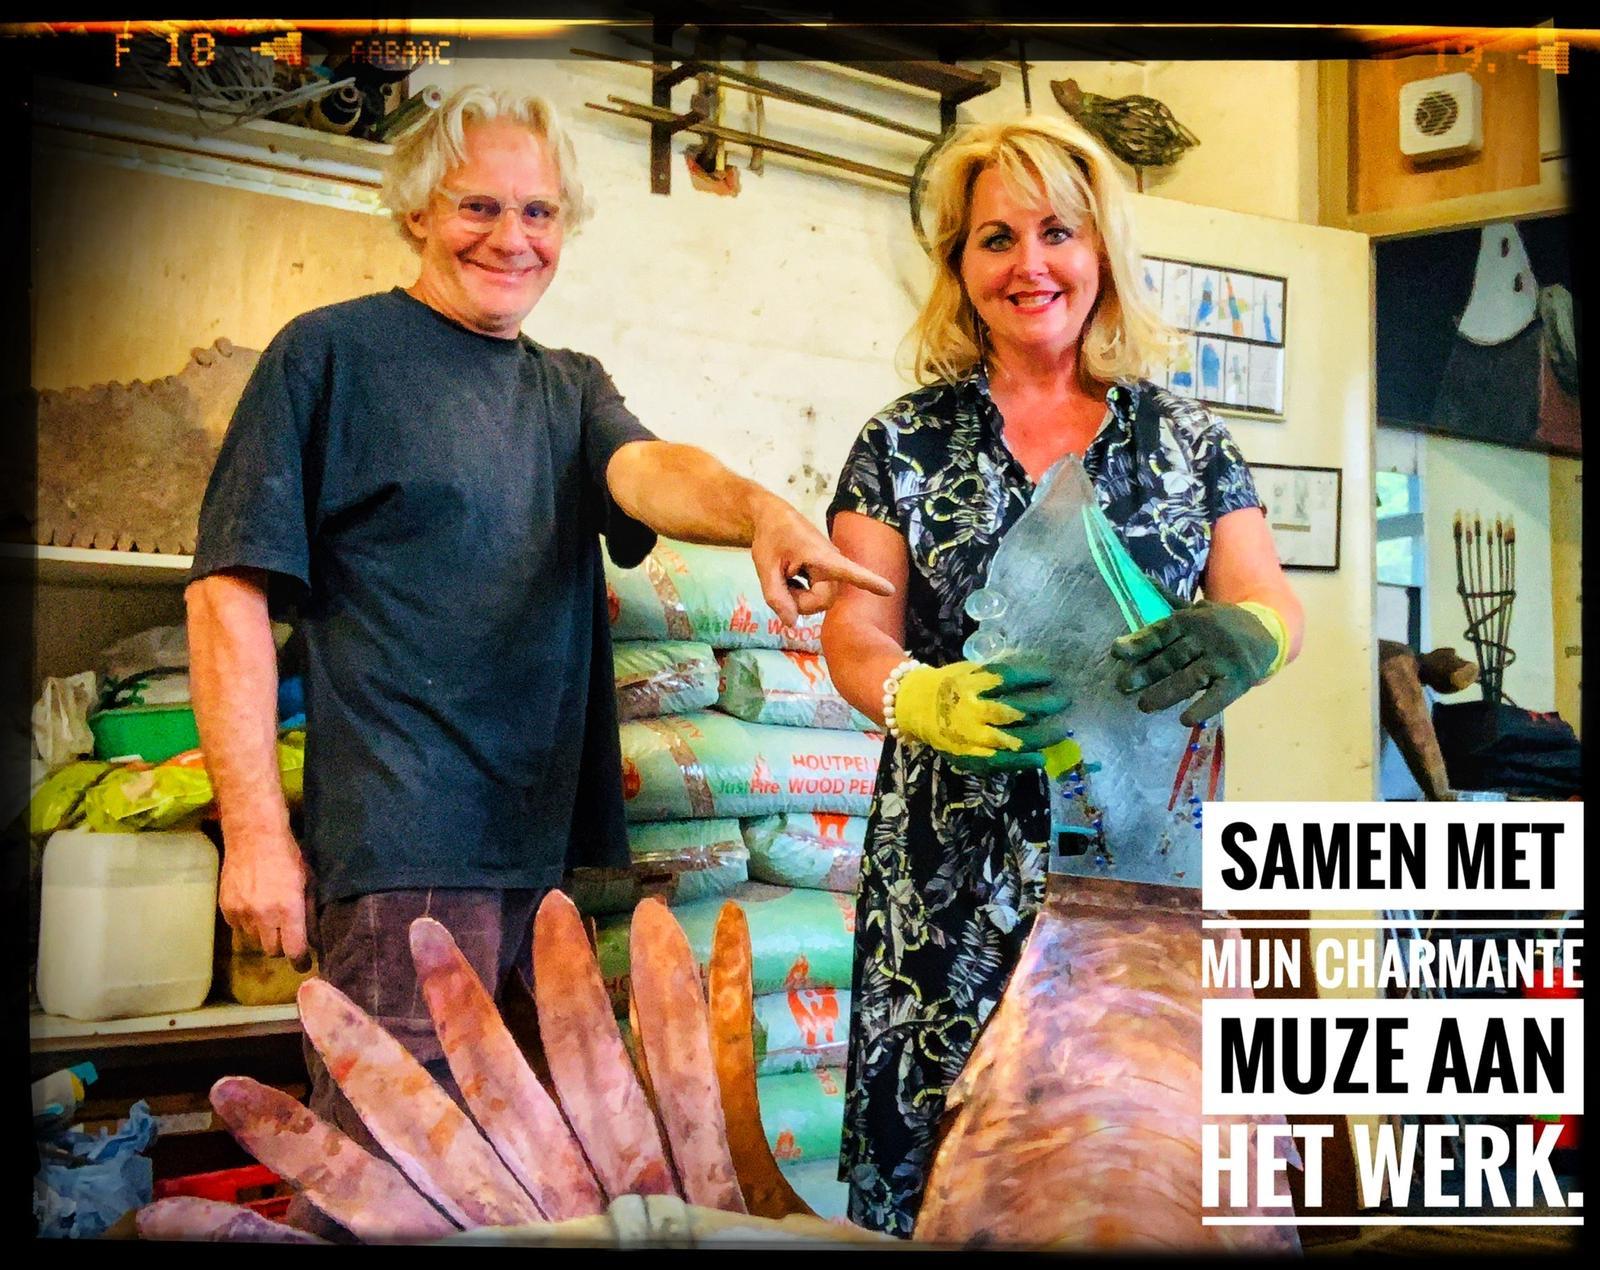 Foto Sjaak samen met mijn charmante muze aan het werk